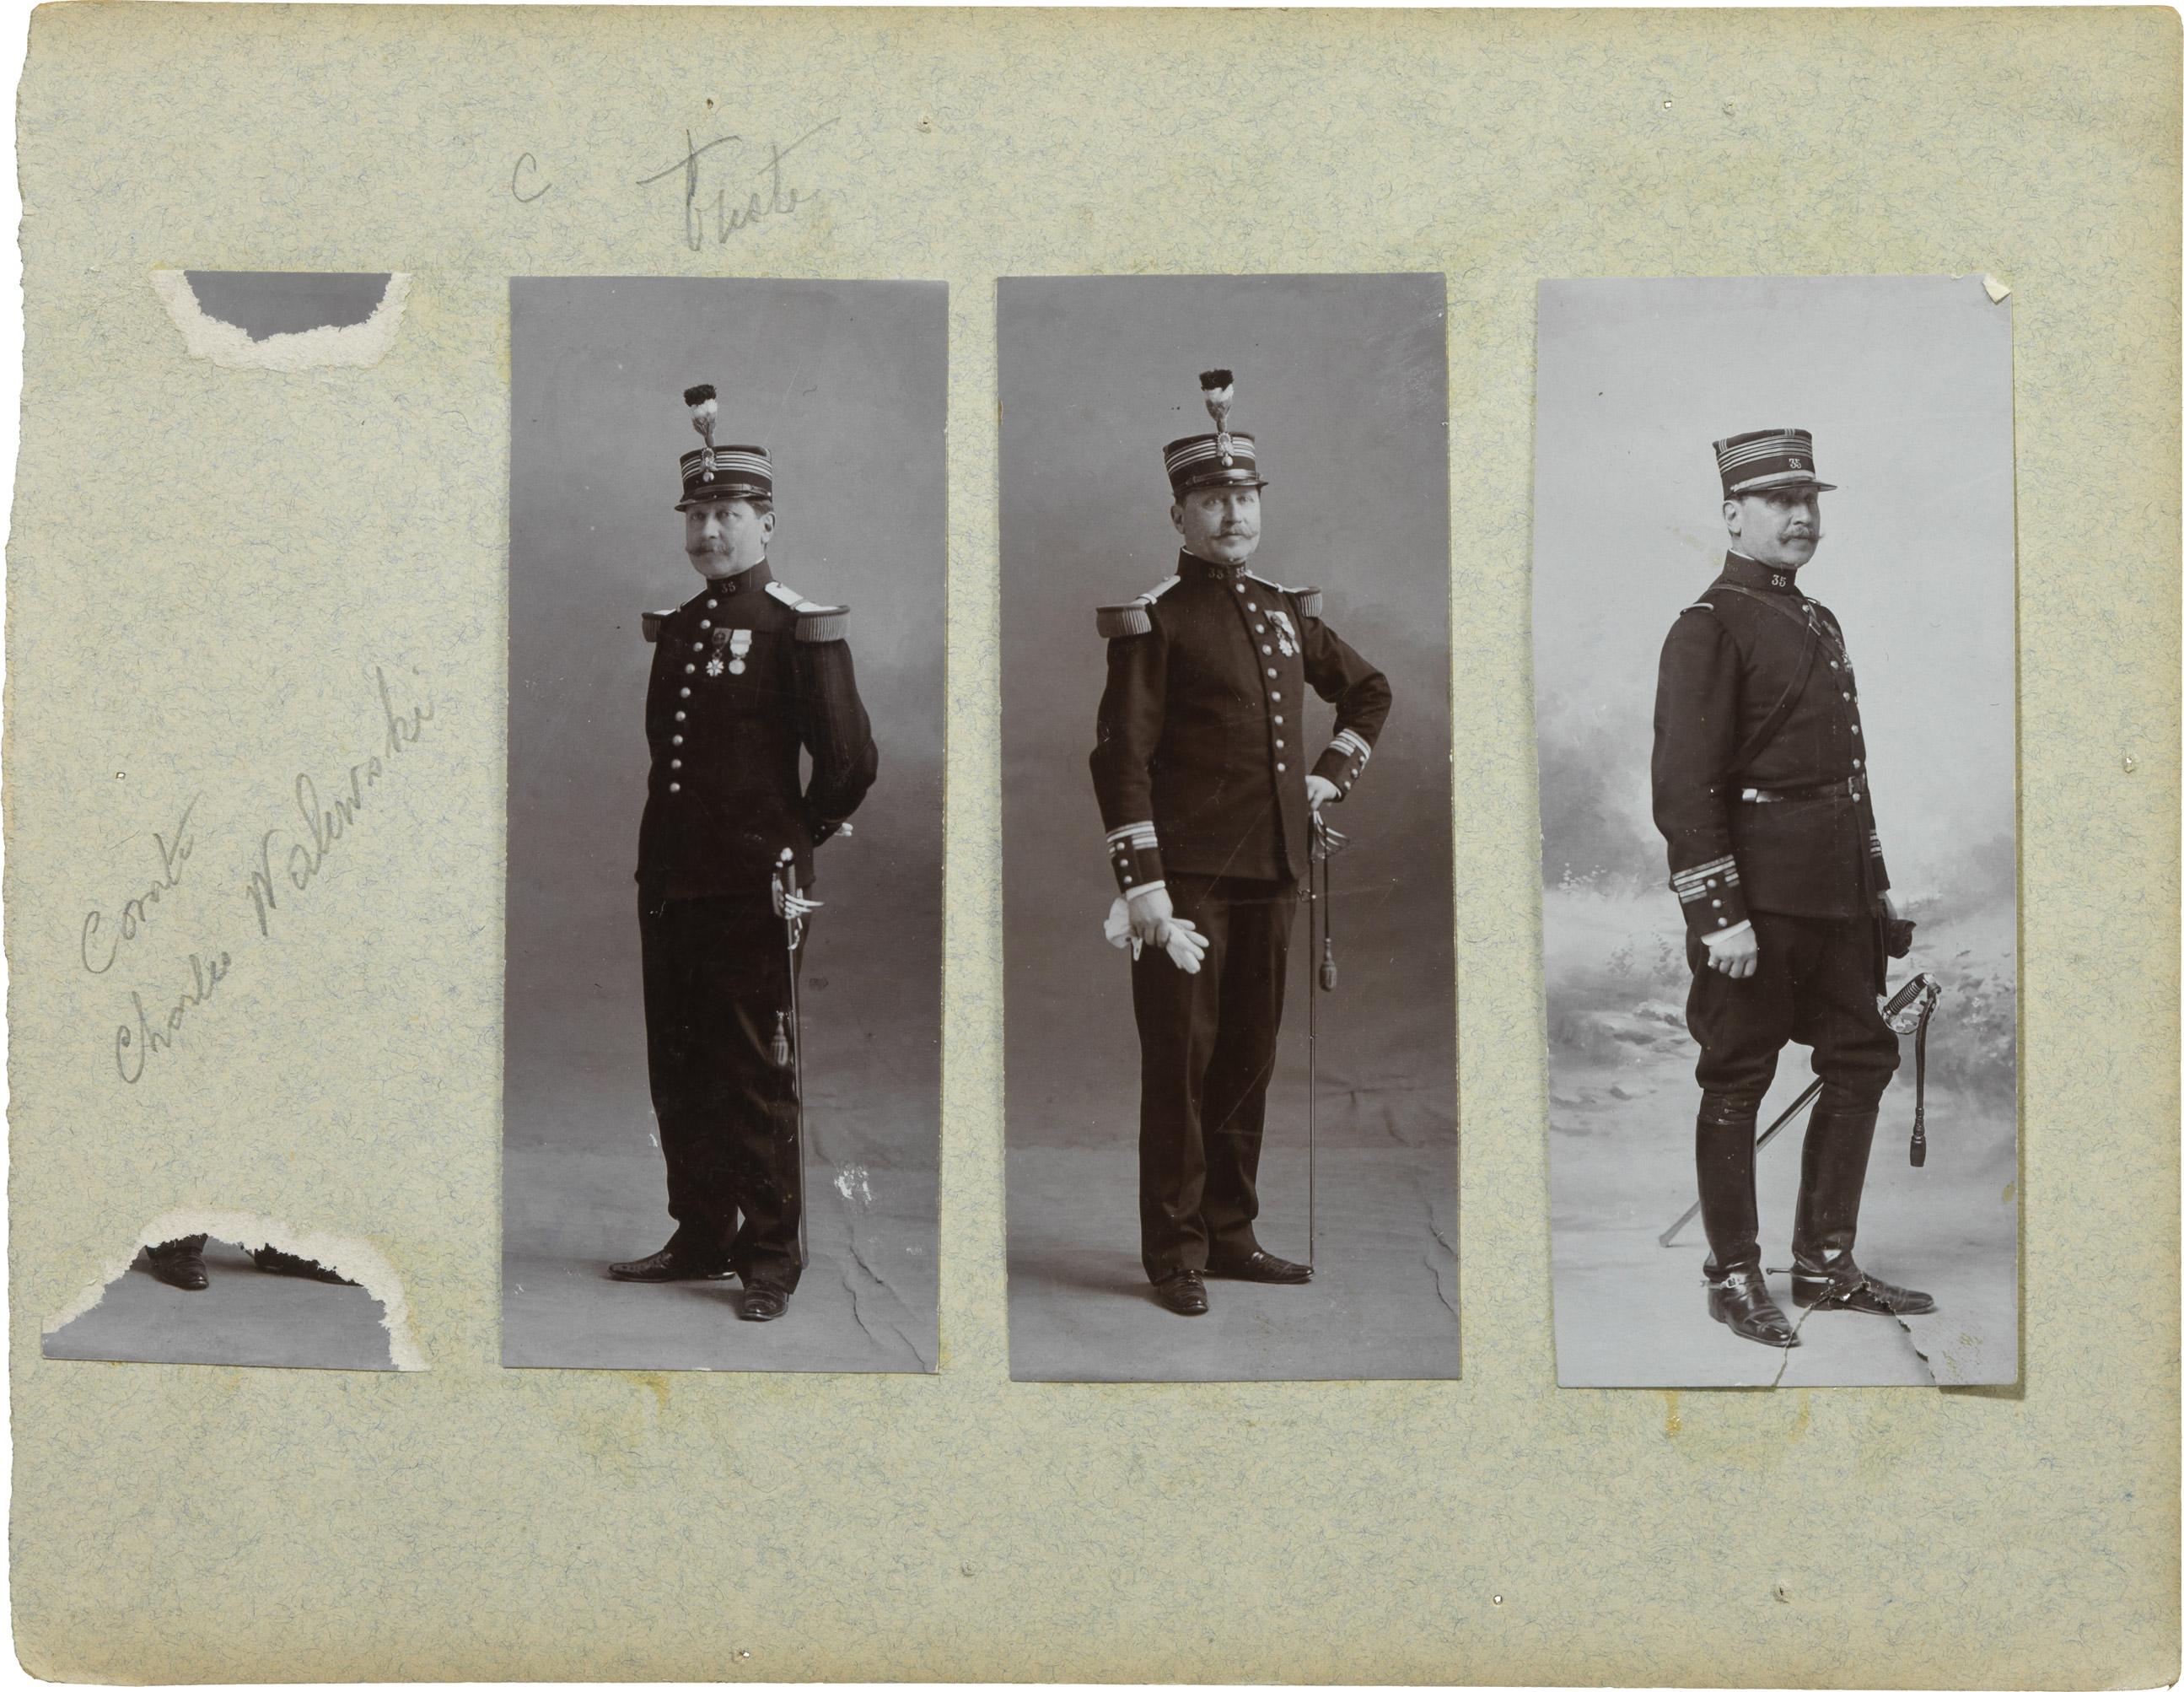 Photographies de Charles Walewski - Patrimoine Charles-André COLONNA WALEWSKI, en ligne directe de Napoléon